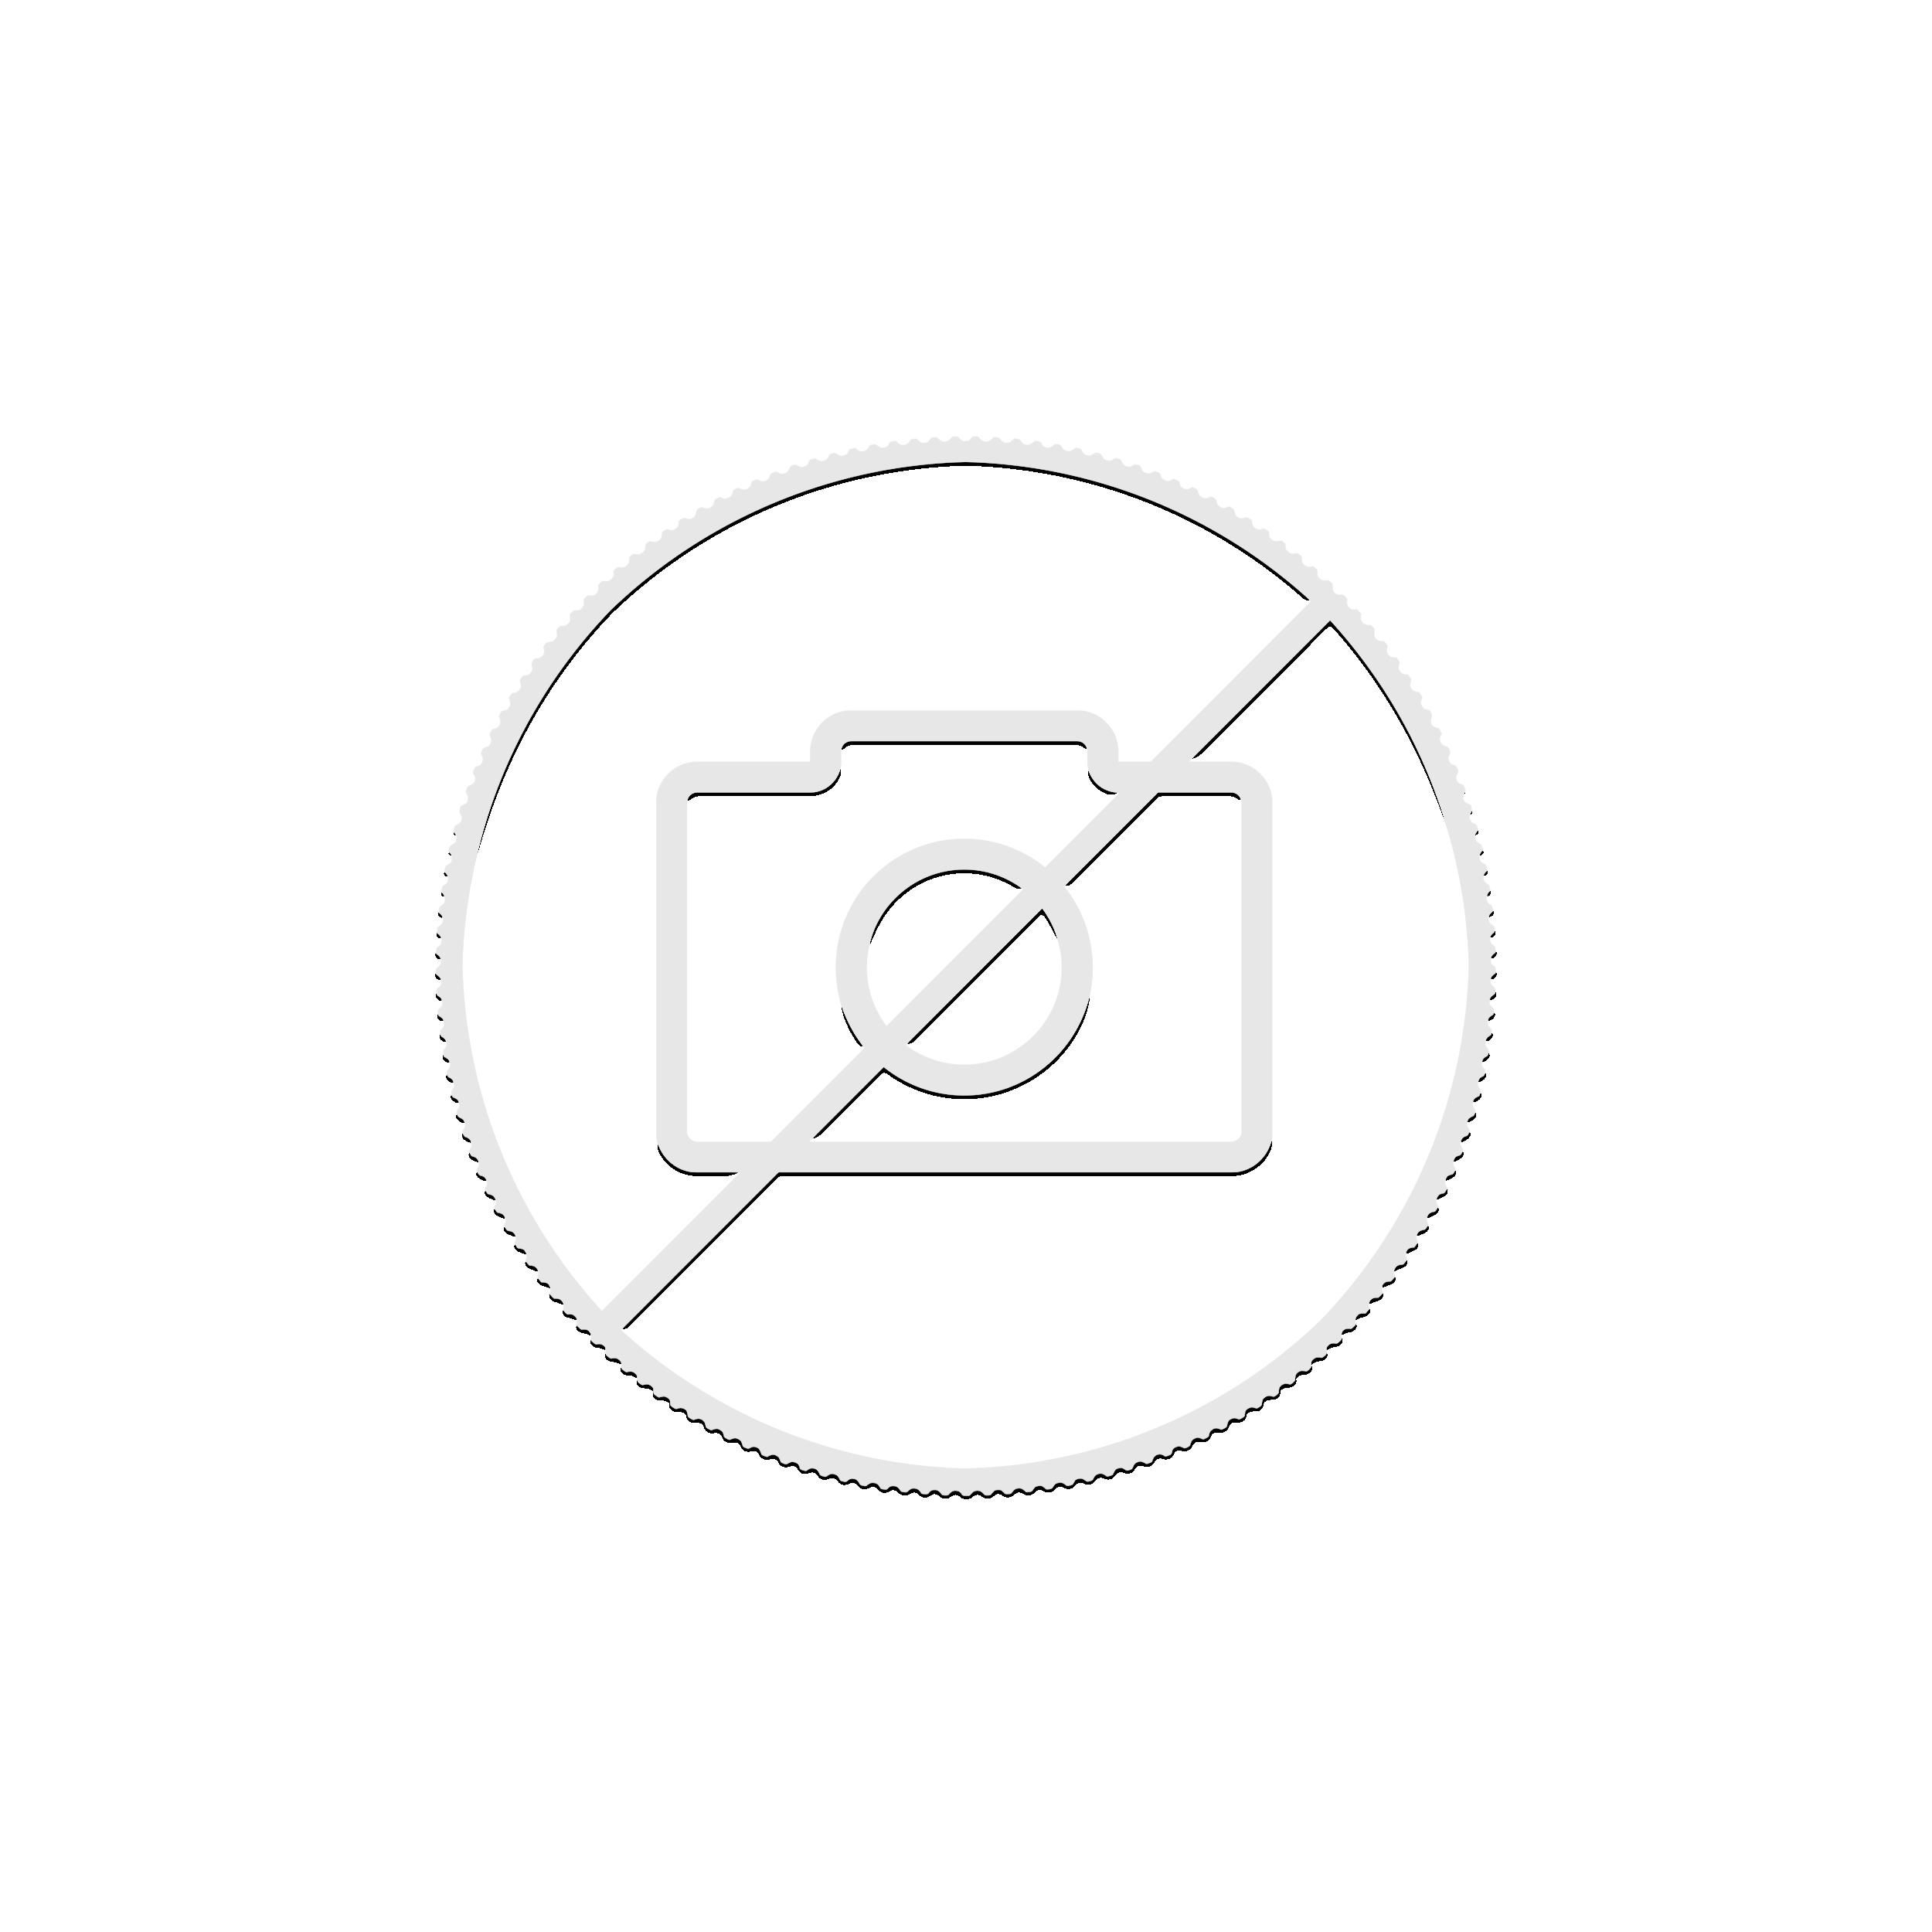 1 Kilo Kookaburra Silver Coin 1992 Buy Silver Kookaburra Coins